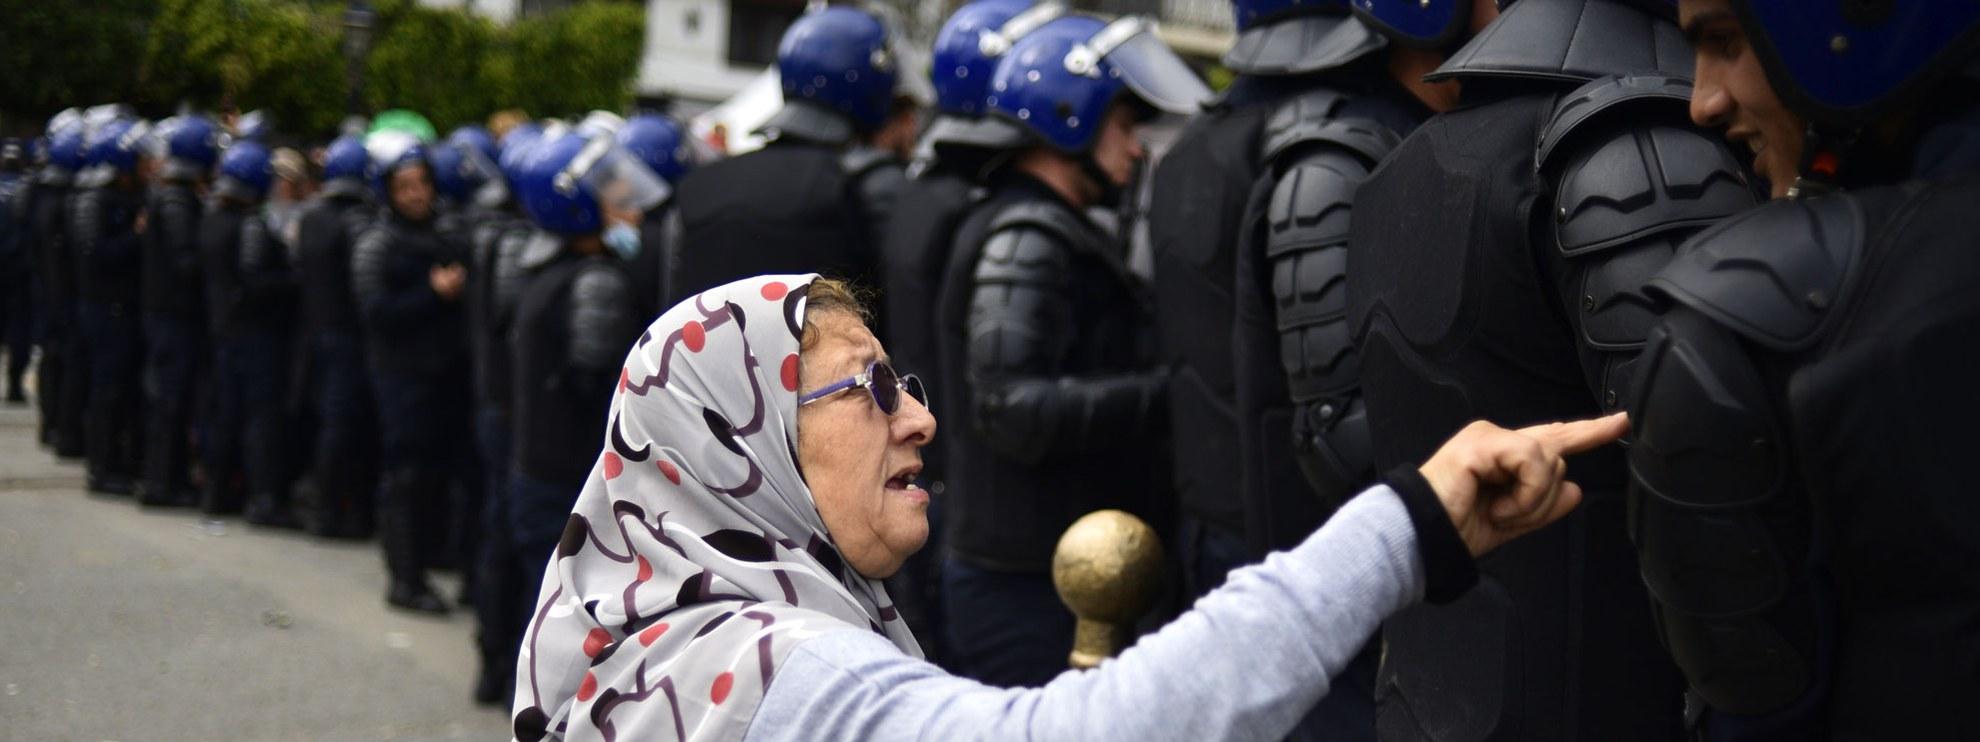 Eine ältere Algerierin spricht mit einem Mitglied der Sicherheitskräfte während einer Demonstration in Algier am 10. April 2019. © Ryad Kramdi/AFP über Getty Images